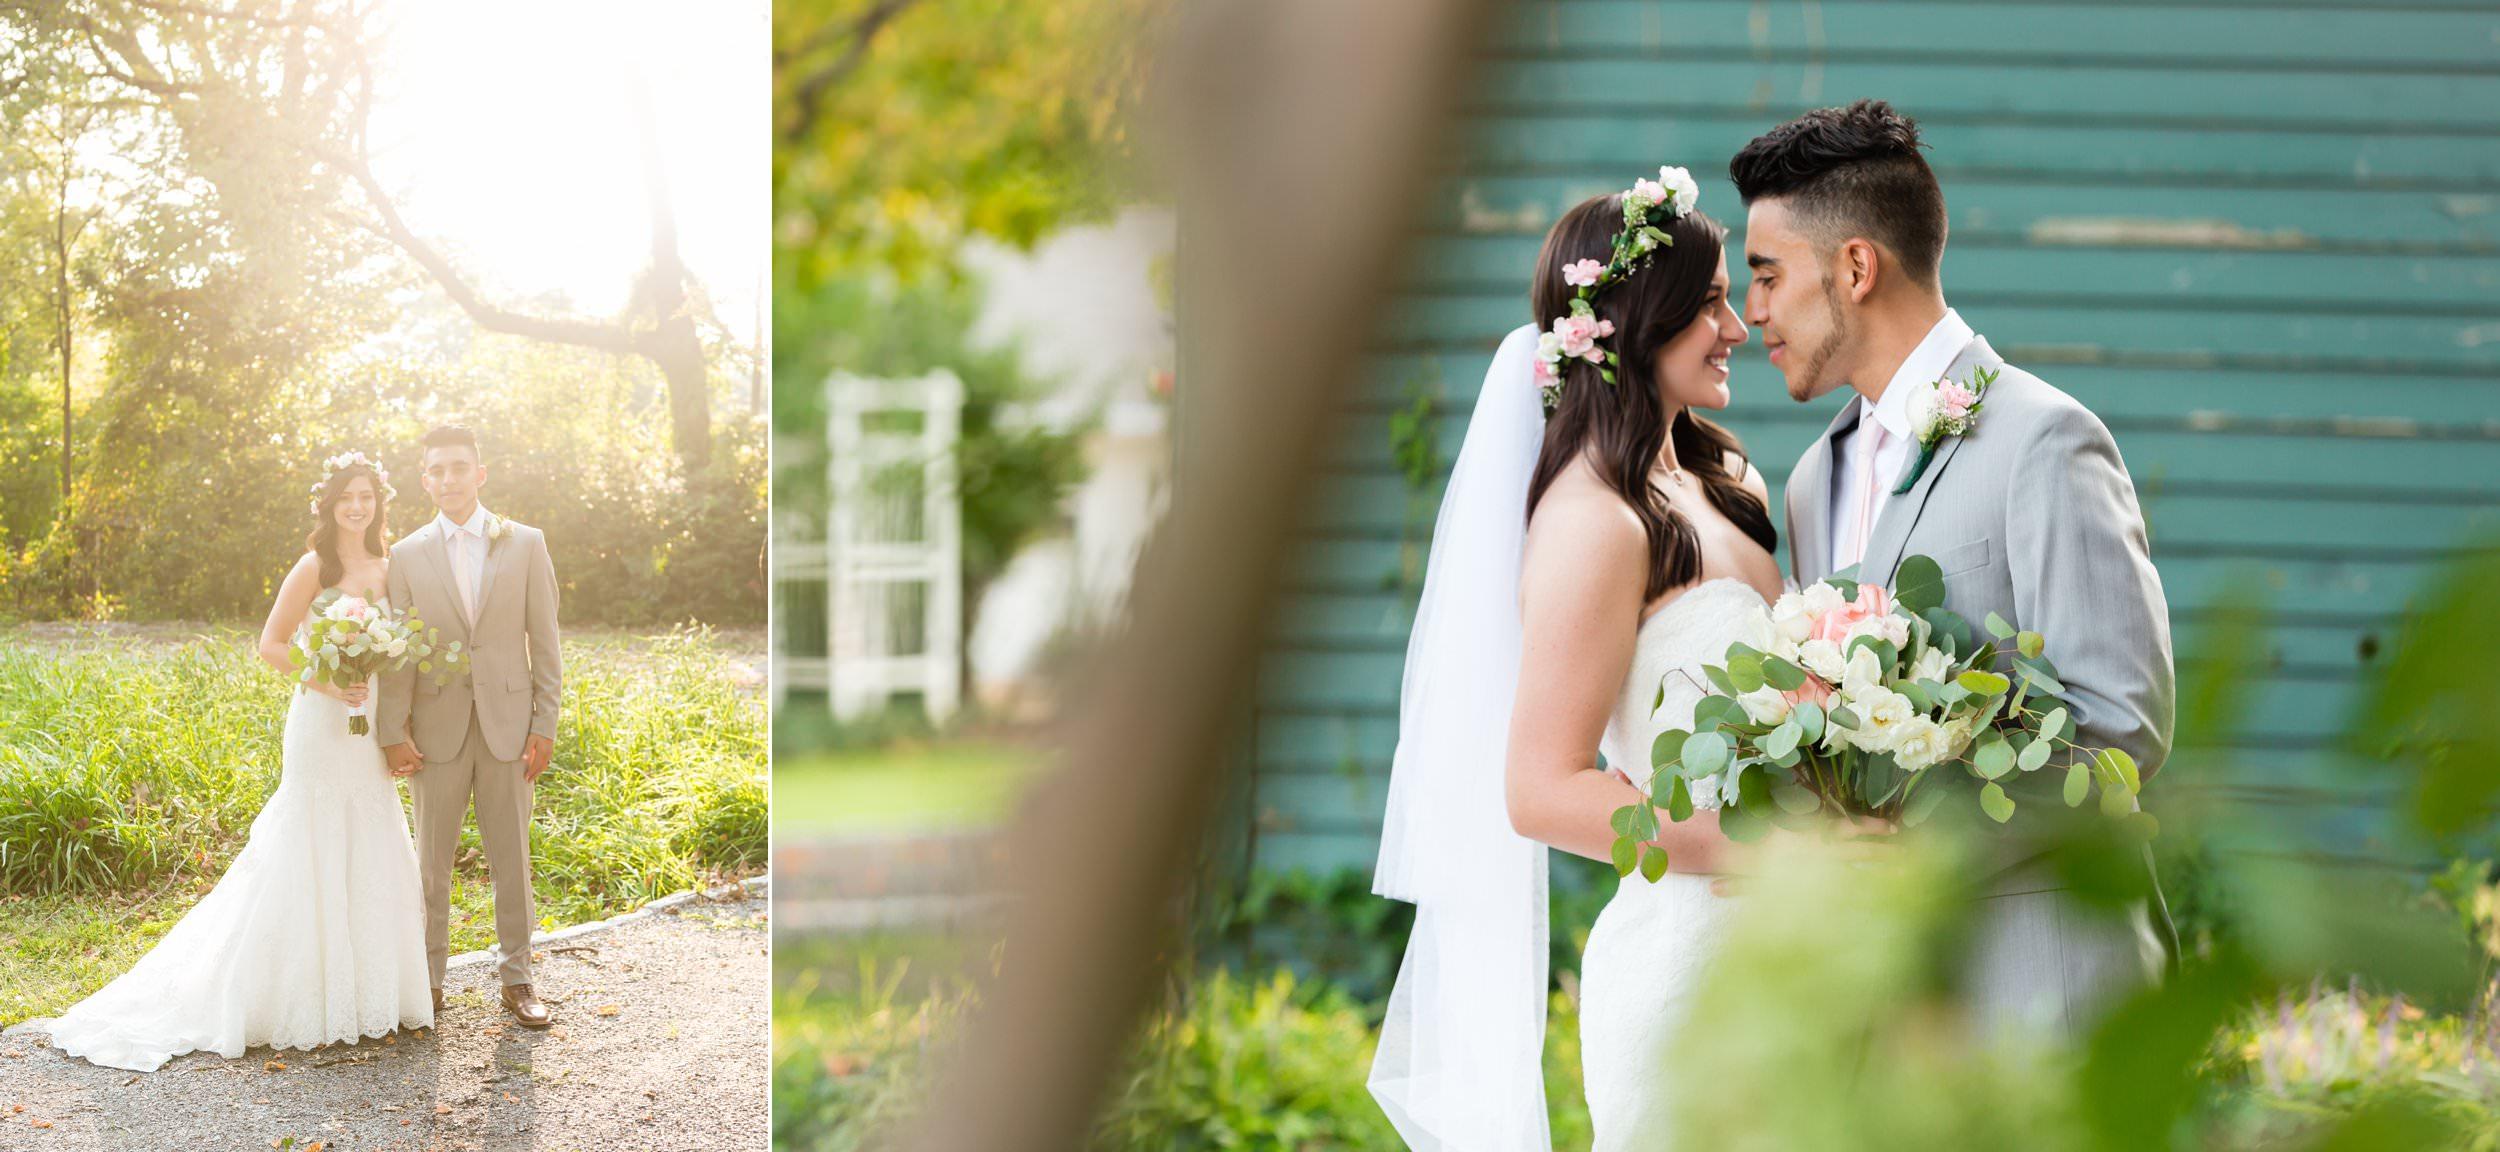 Magnolia-House-And-Garden-Wedding038.jpg